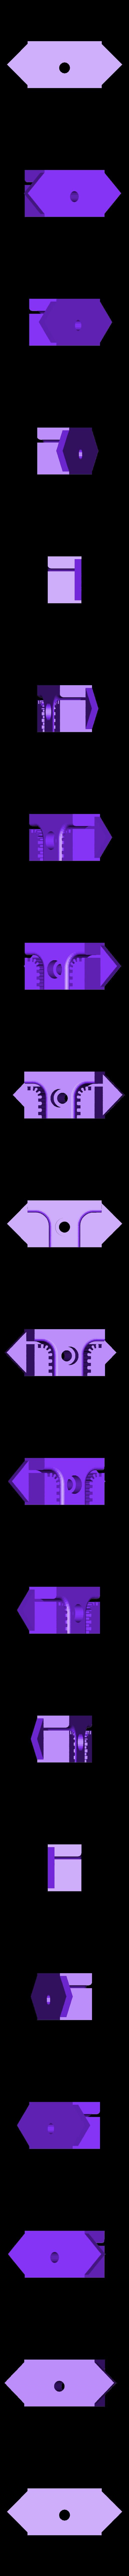 x_carriage_belt_holder.stl Télécharger fichier STL gratuit Prusa i3 X-Carriage Prusa sans fermeture à glissière • Plan pour imprimante 3D, Palemar